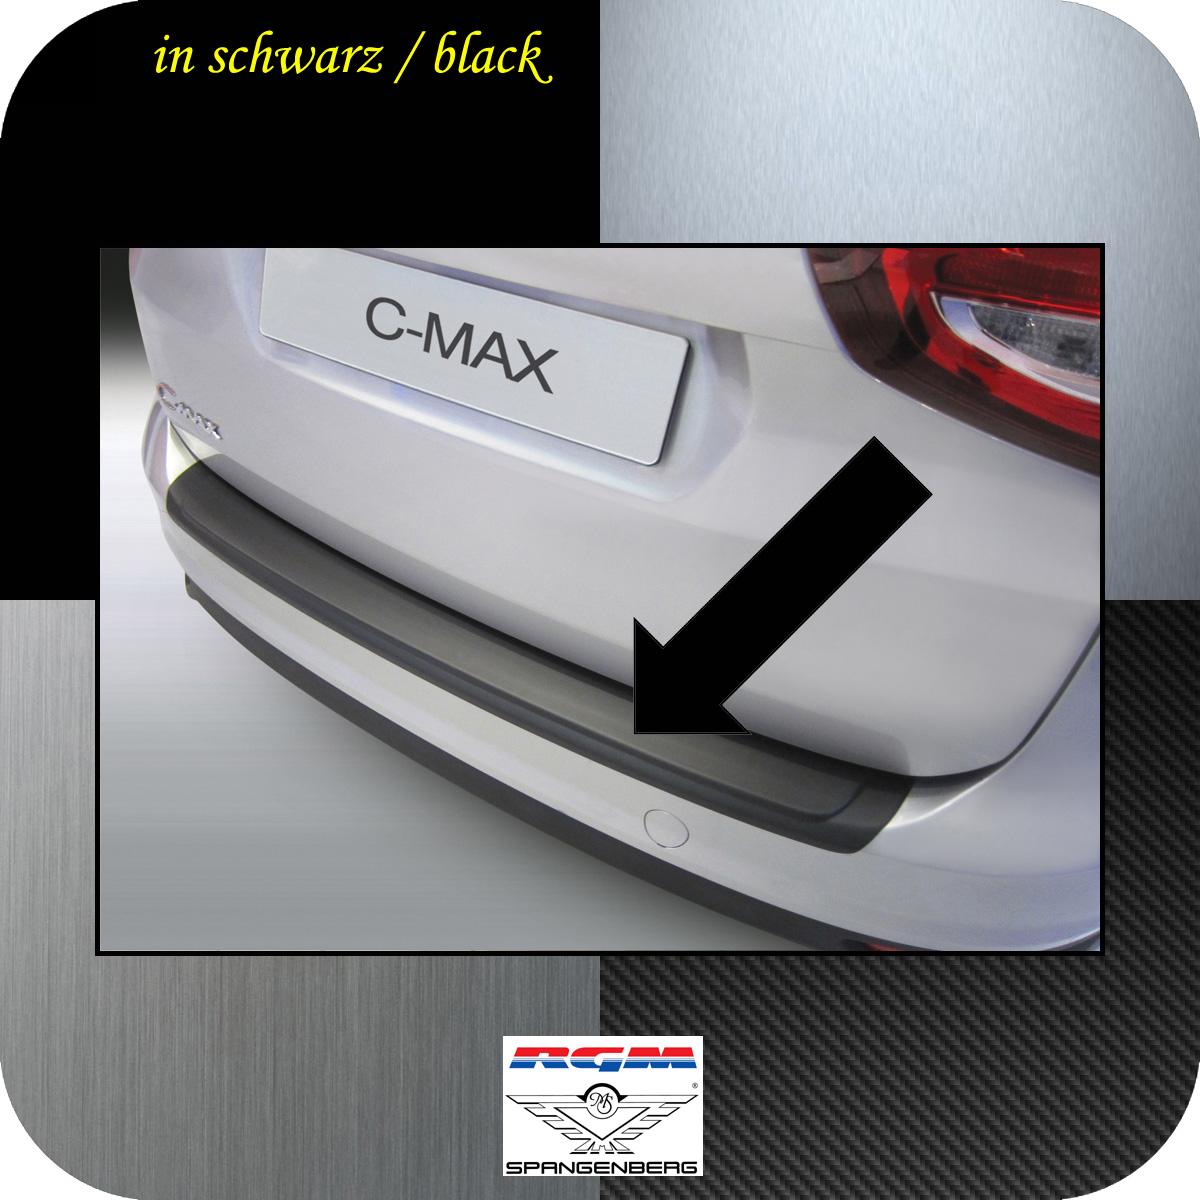 Ladekantenschutz schwarz Ford C-MAX II ab facelift Baujahr 2015- 3500889